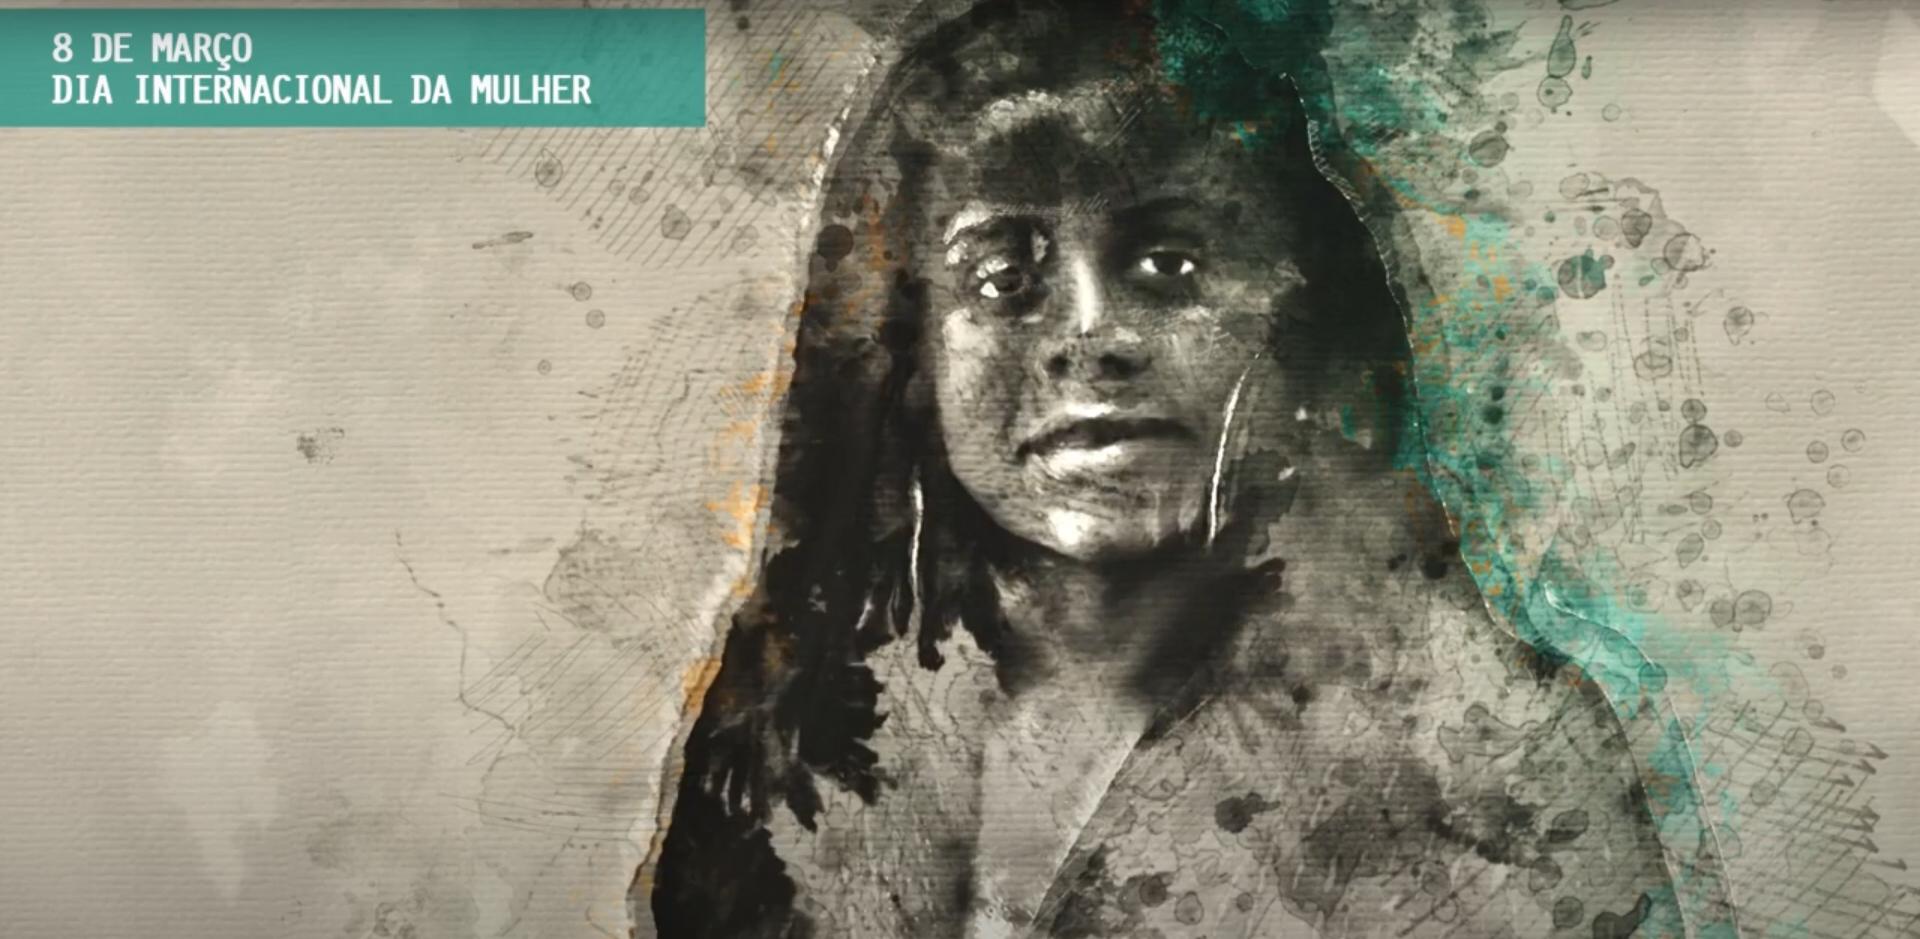 No Dia Internacional da Mulher, UFPE homenageia travesti Robeyoncé Lima, do PSOL